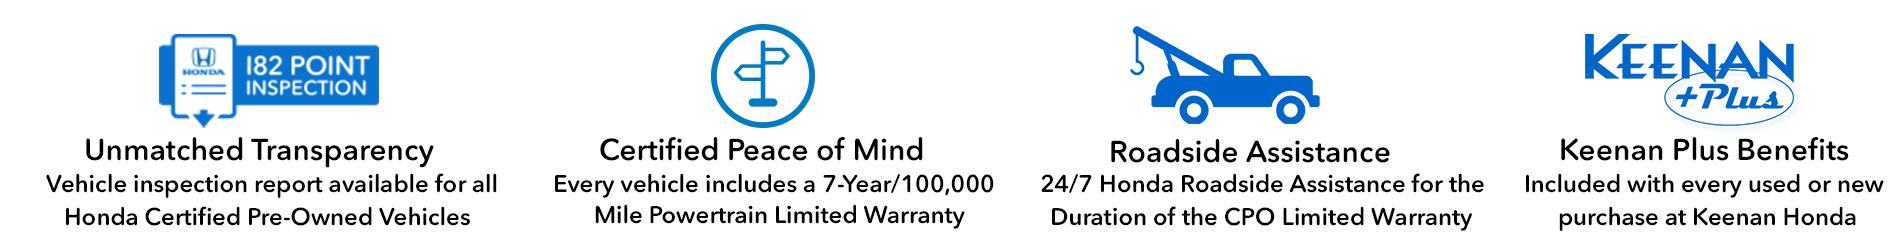 Honda Certified Pre-Owned Benefits at Keenan Honda